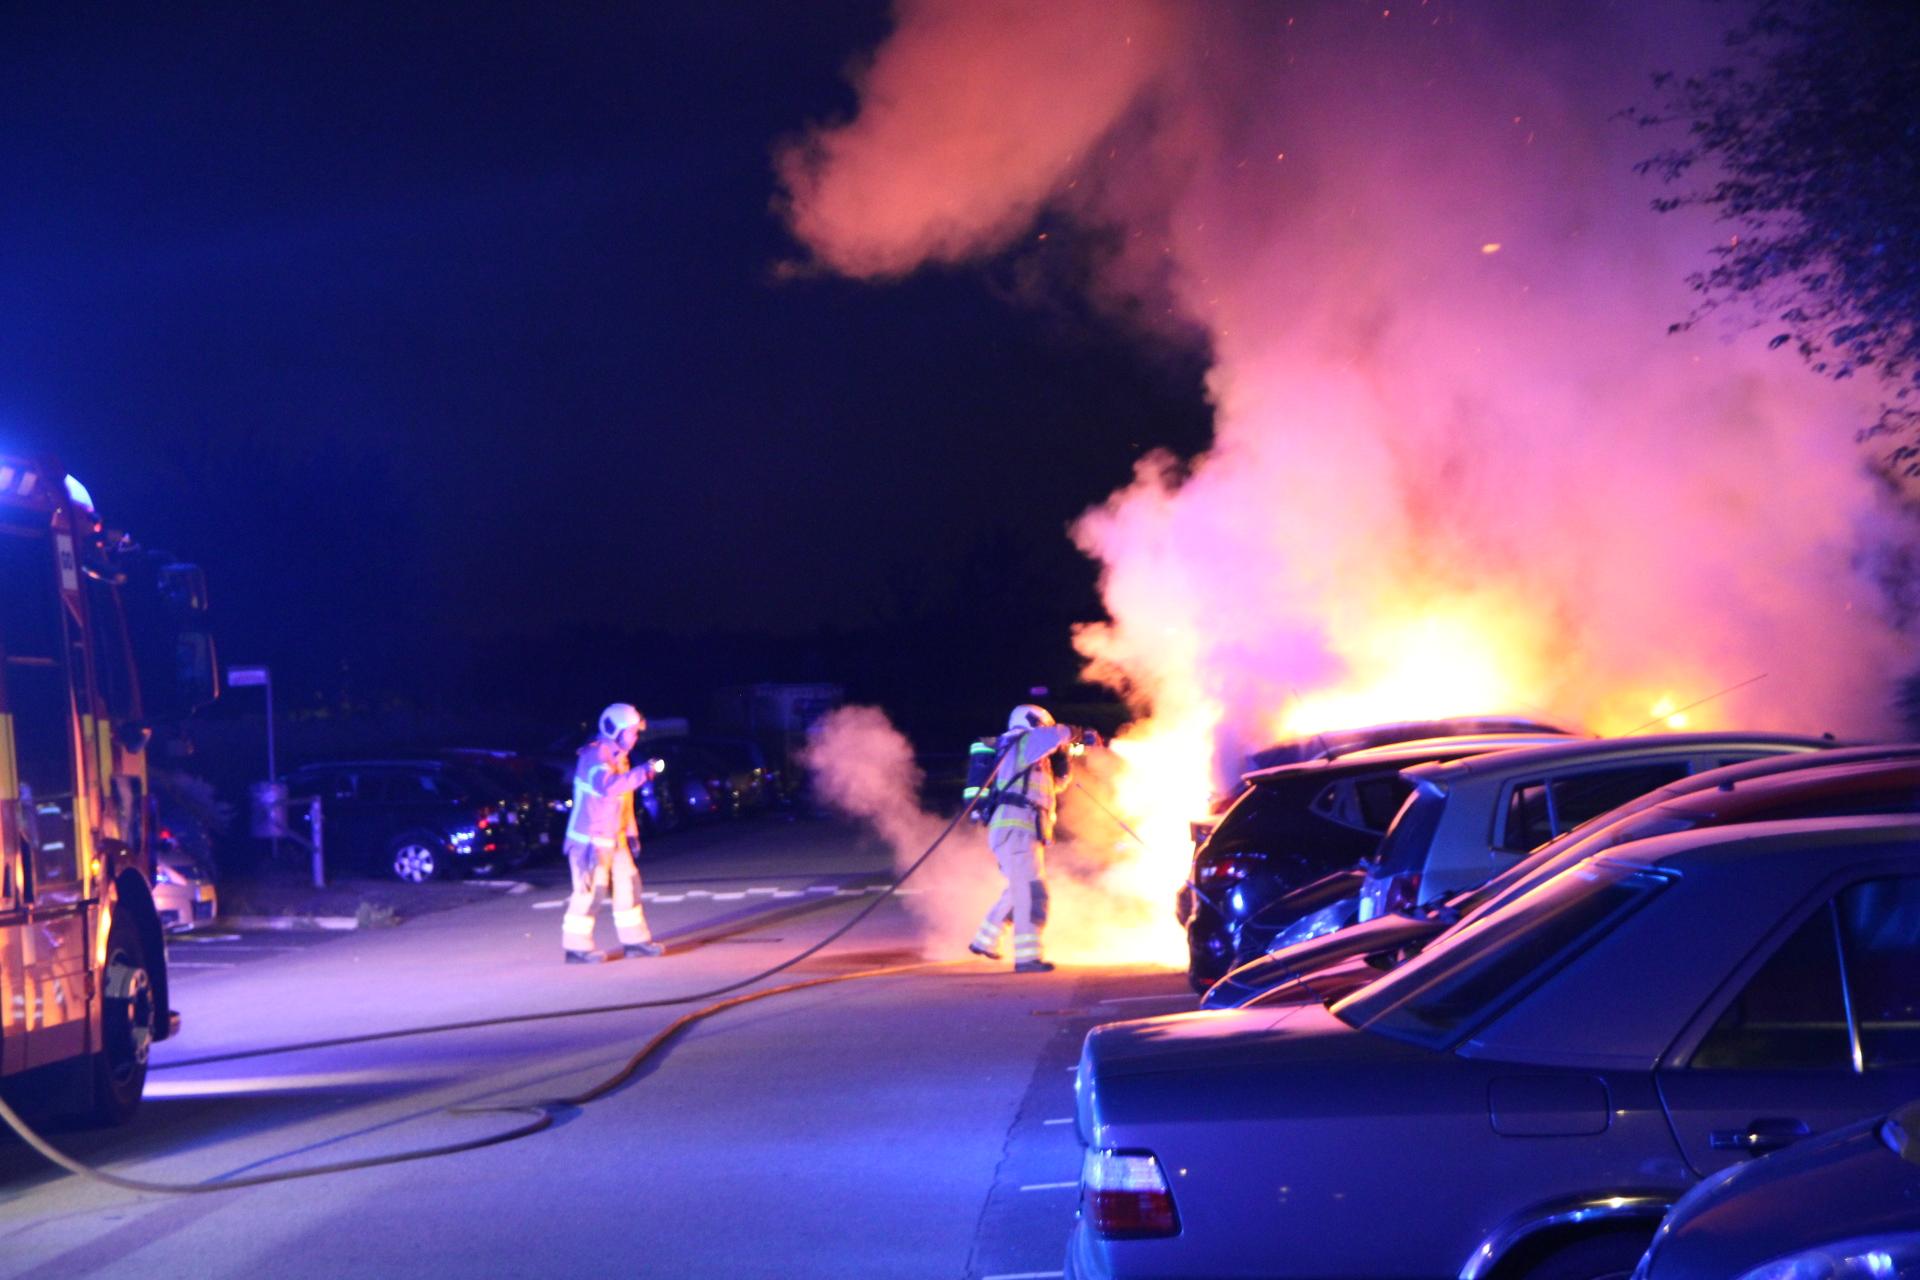 Flere biler i brand i Brøndby strand - område afspærret